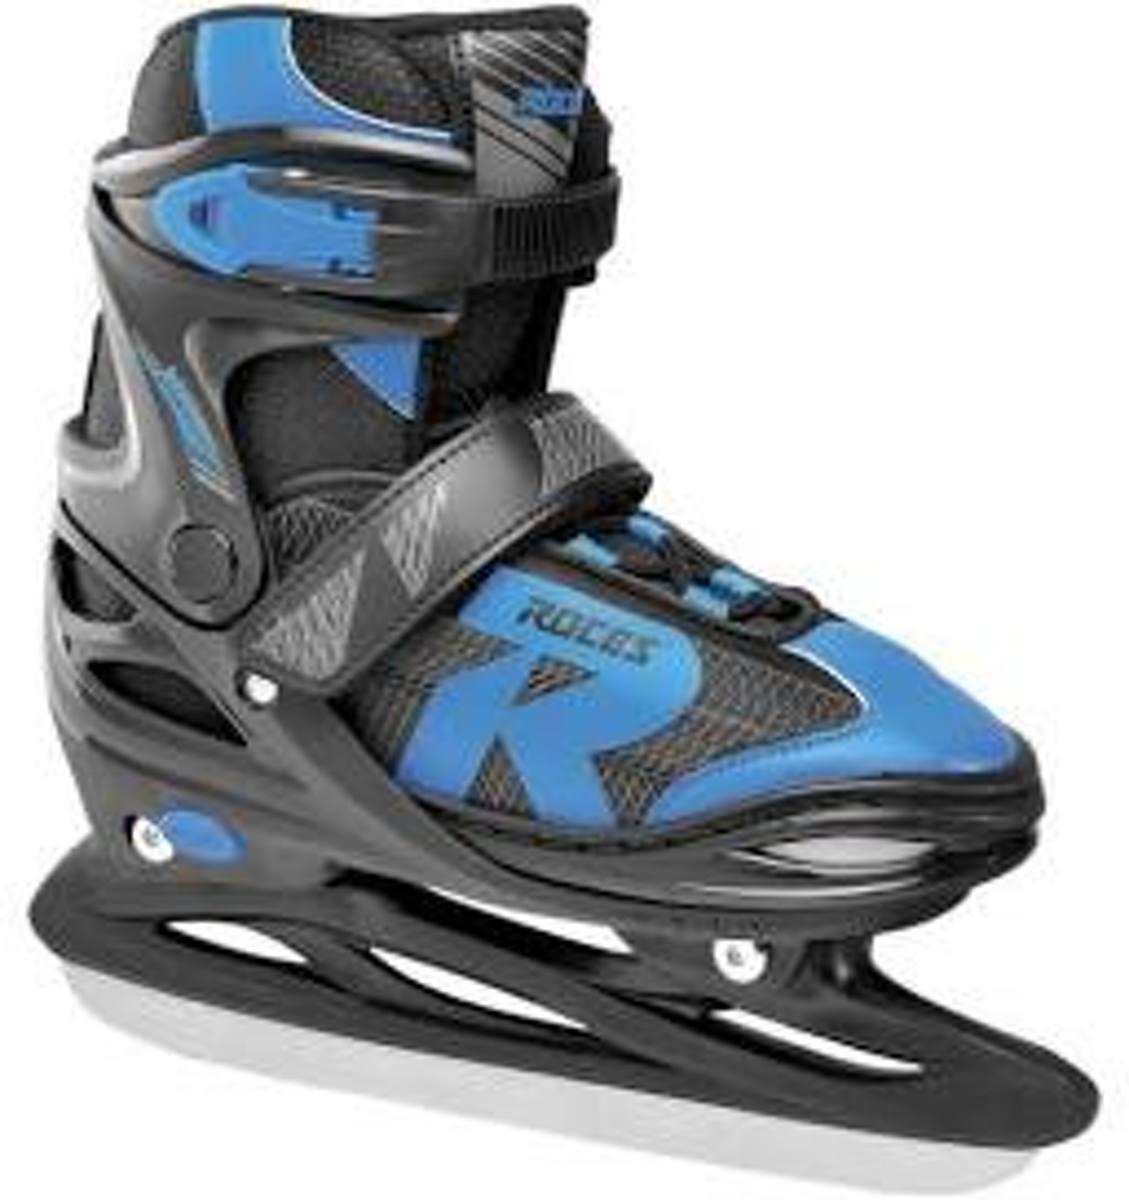 Roces Ijshockeyschaatsen Jokey Jongens Zwart/blauw Maat 30-33